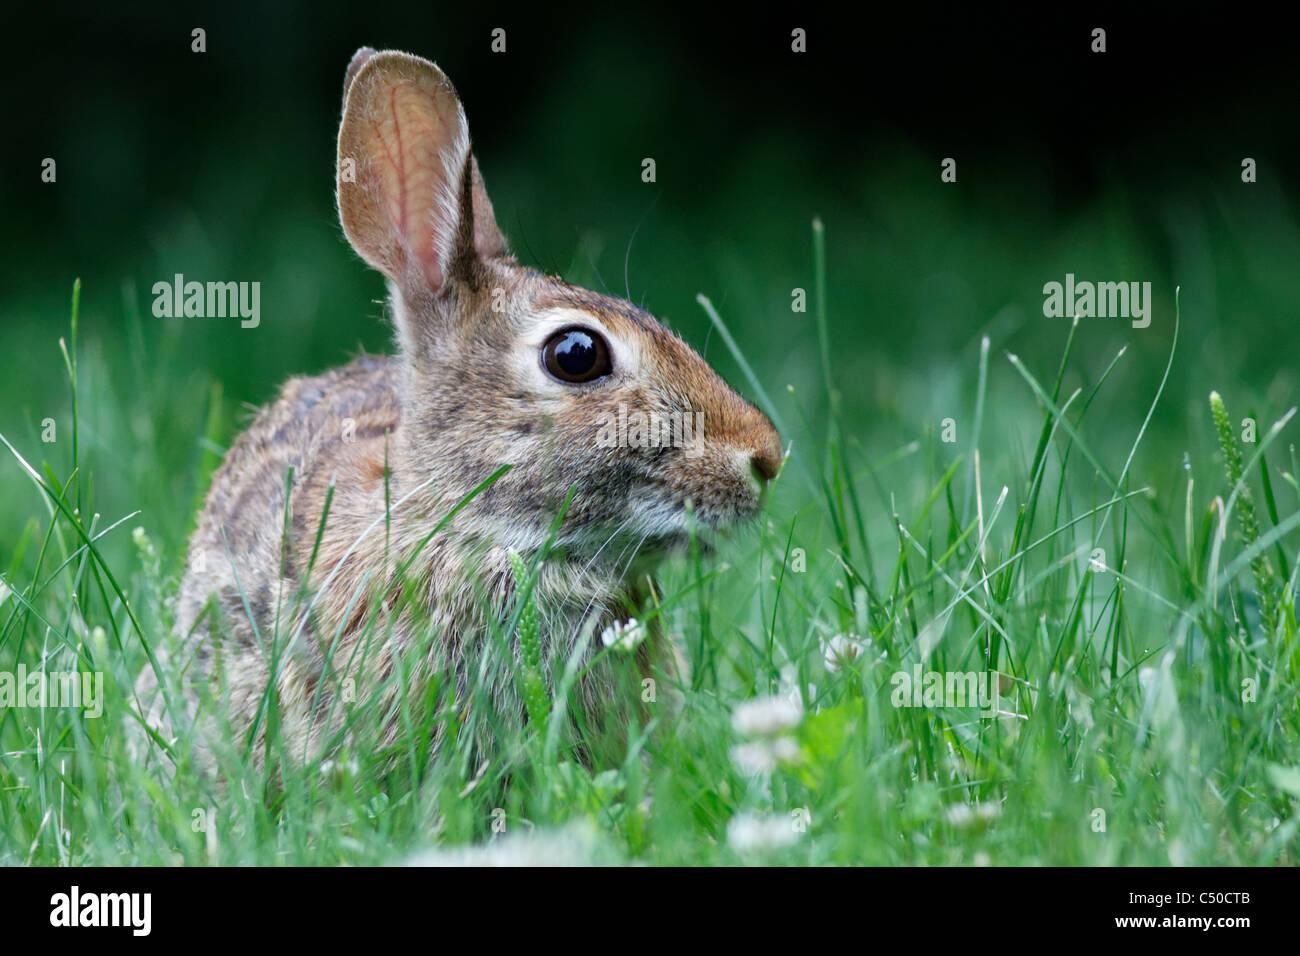 Wild rabbit - Stock Image